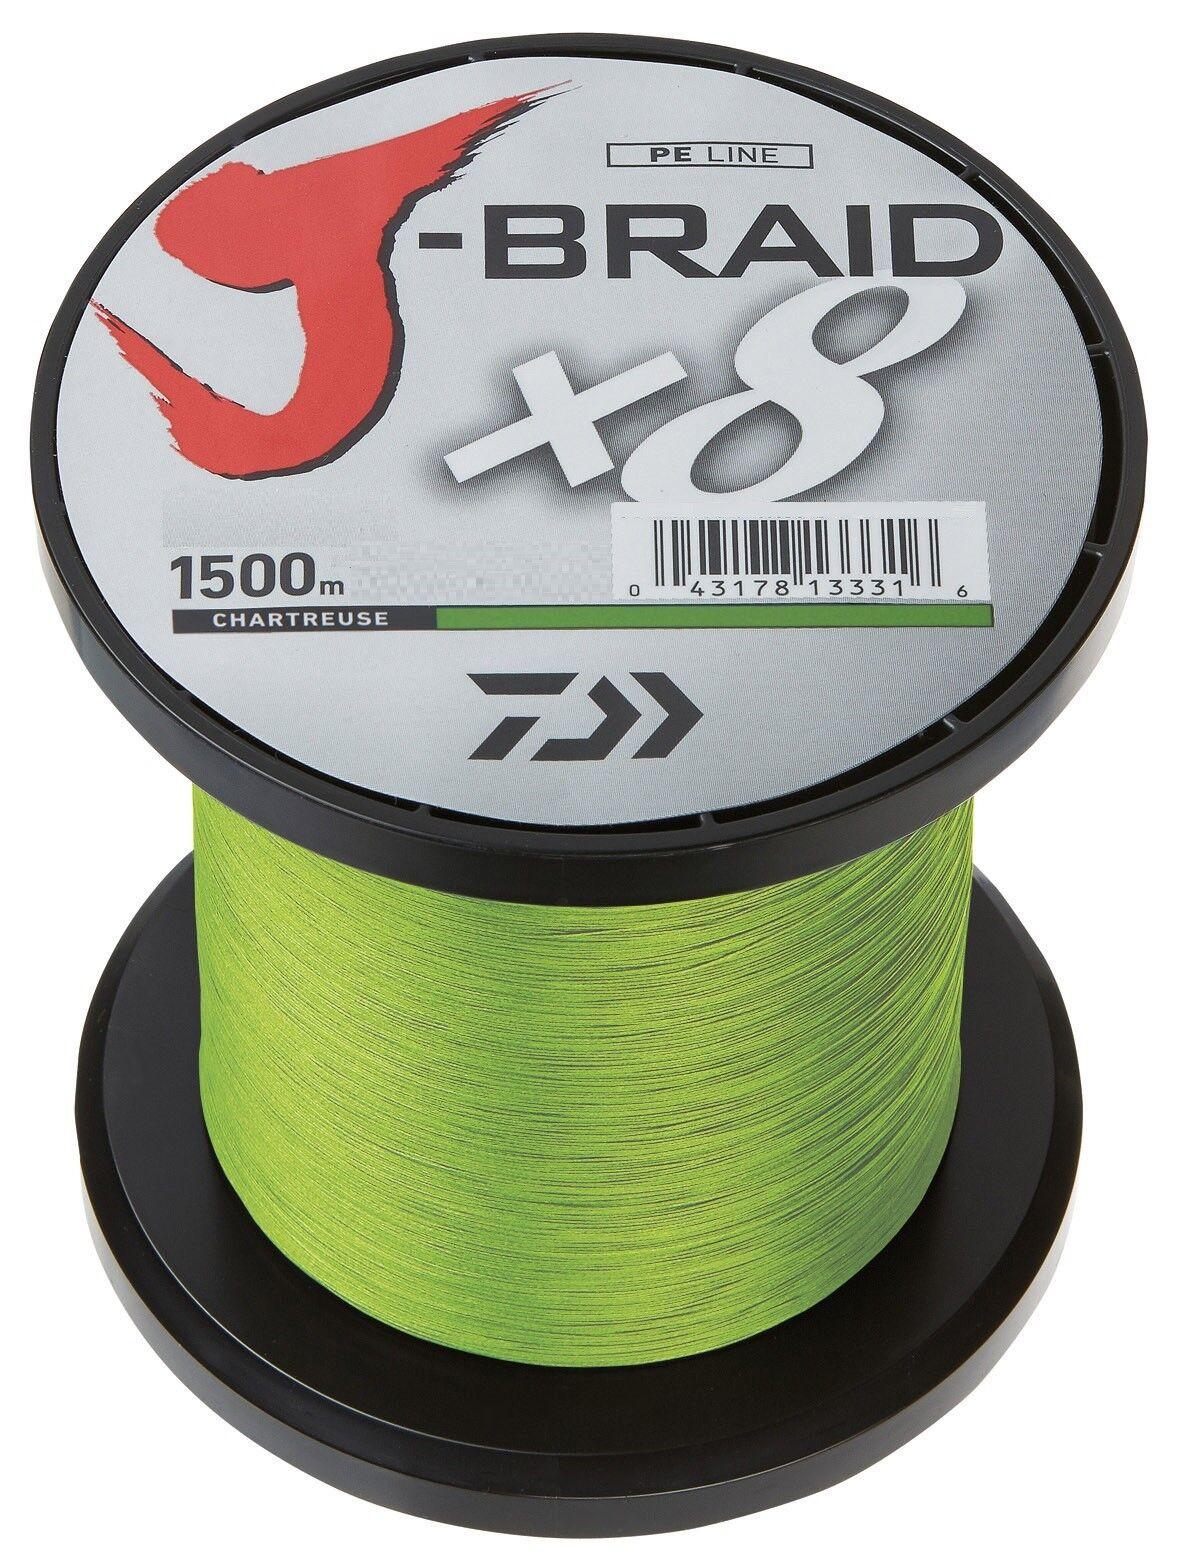 Daiwa J-Braid X8 0,10mm 6,0kg 1500m Chartreuse Geflochtene Schnur Angelschnur